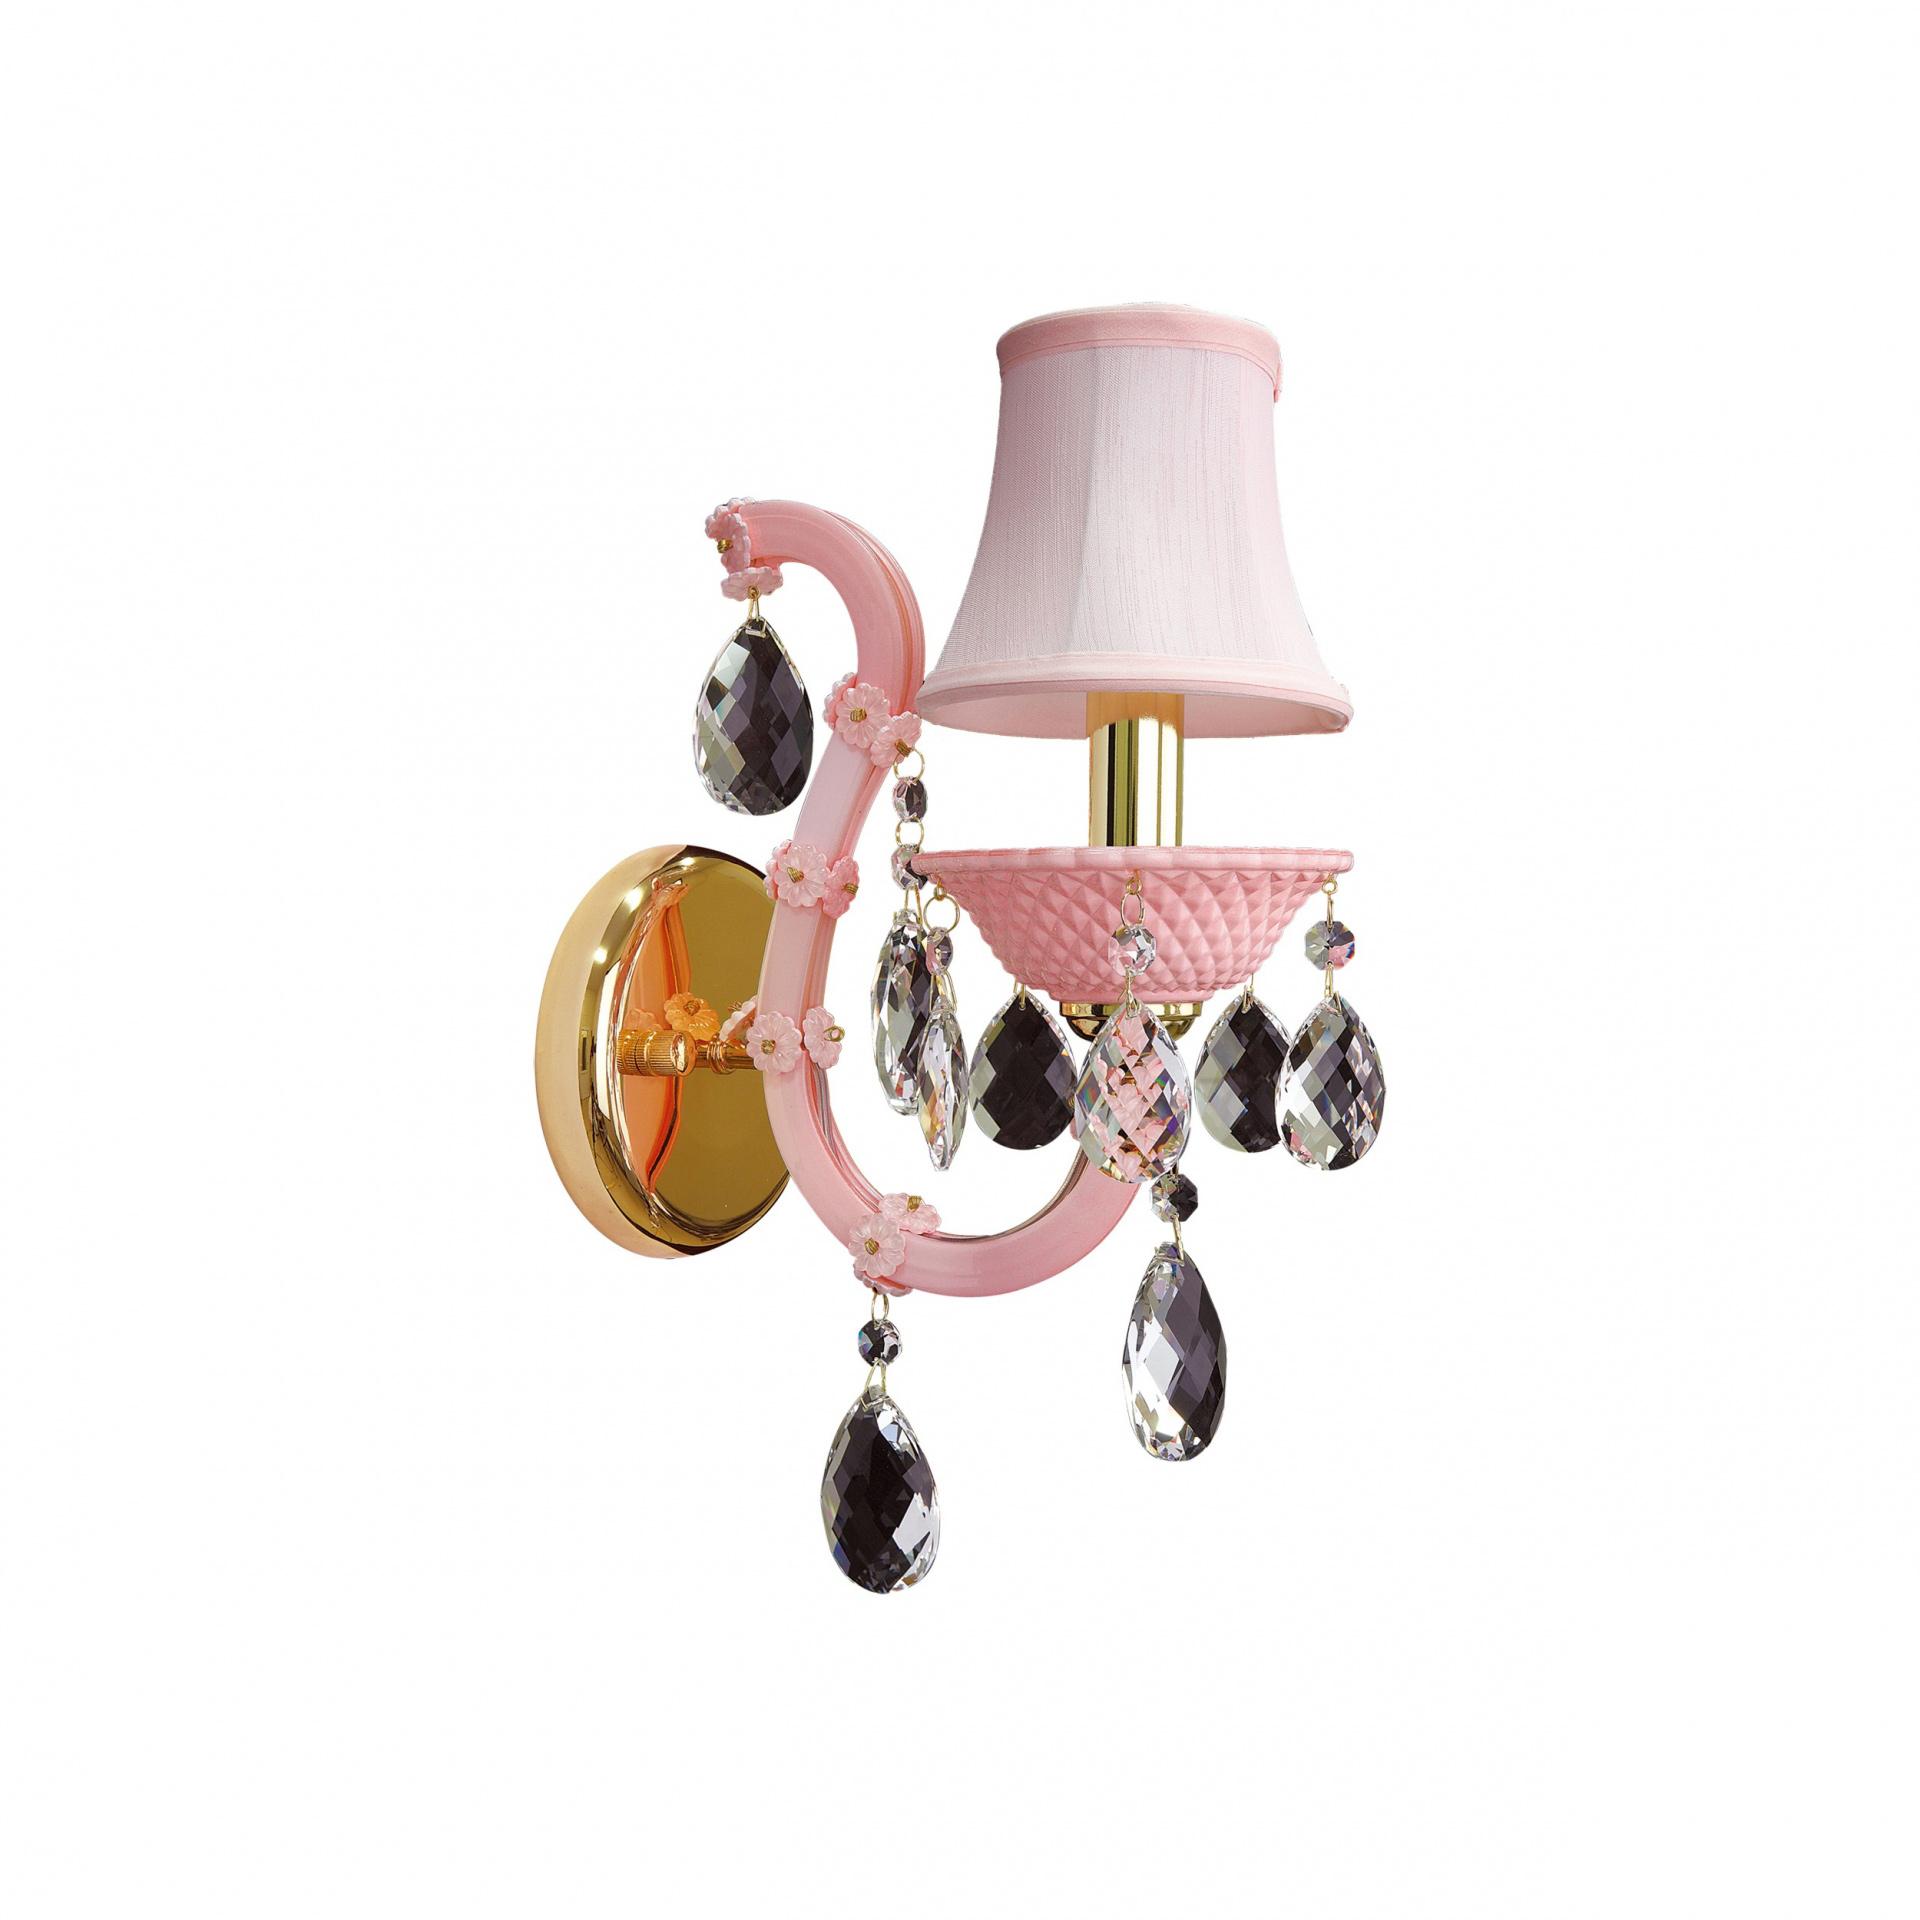 Бра Princia 1х40W E14 K розовый / прозрачный Osgona 726612, купить в СПб, Москве, с доставкой, Санкт-Петербург, интернет-магазин люстр и светильников Starlight, фото в жизни